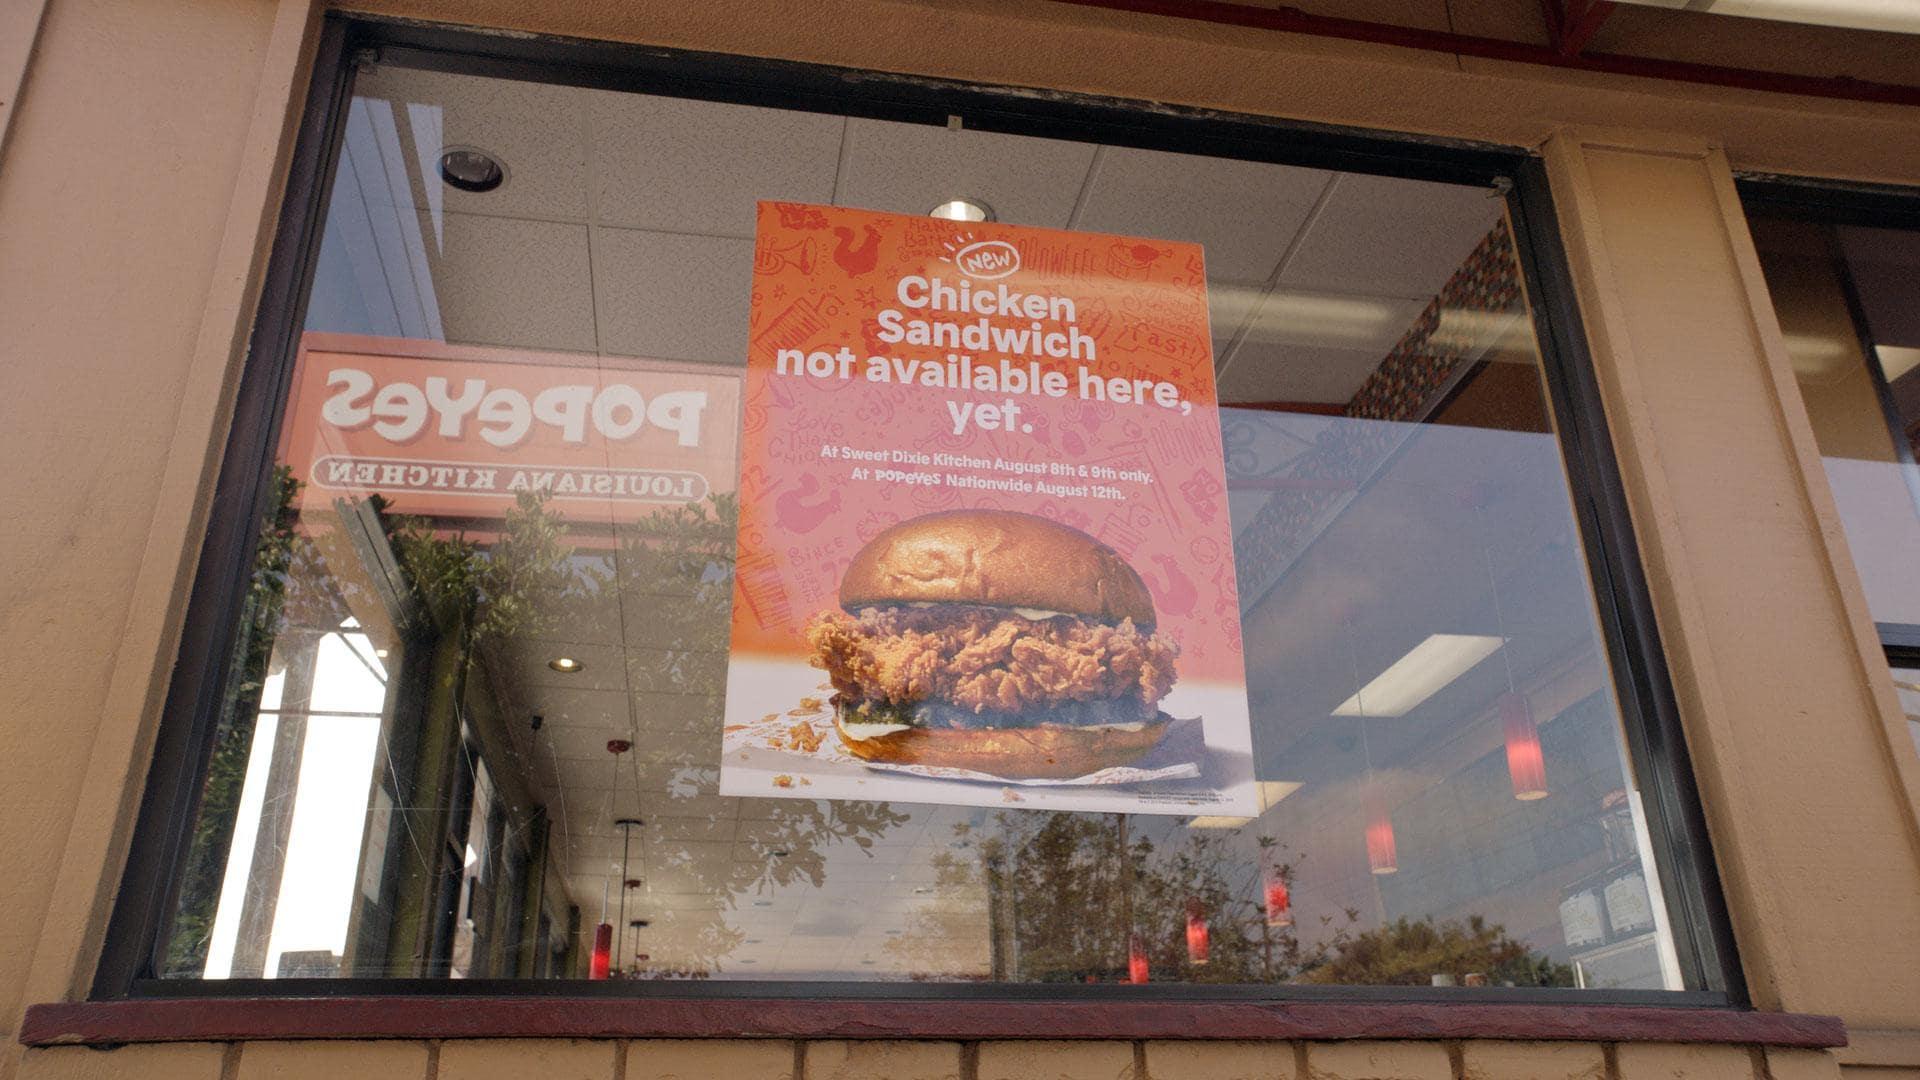 Popeyes Chicken Sandwich: Popeyesgate at Sweet Dixie Kitchen